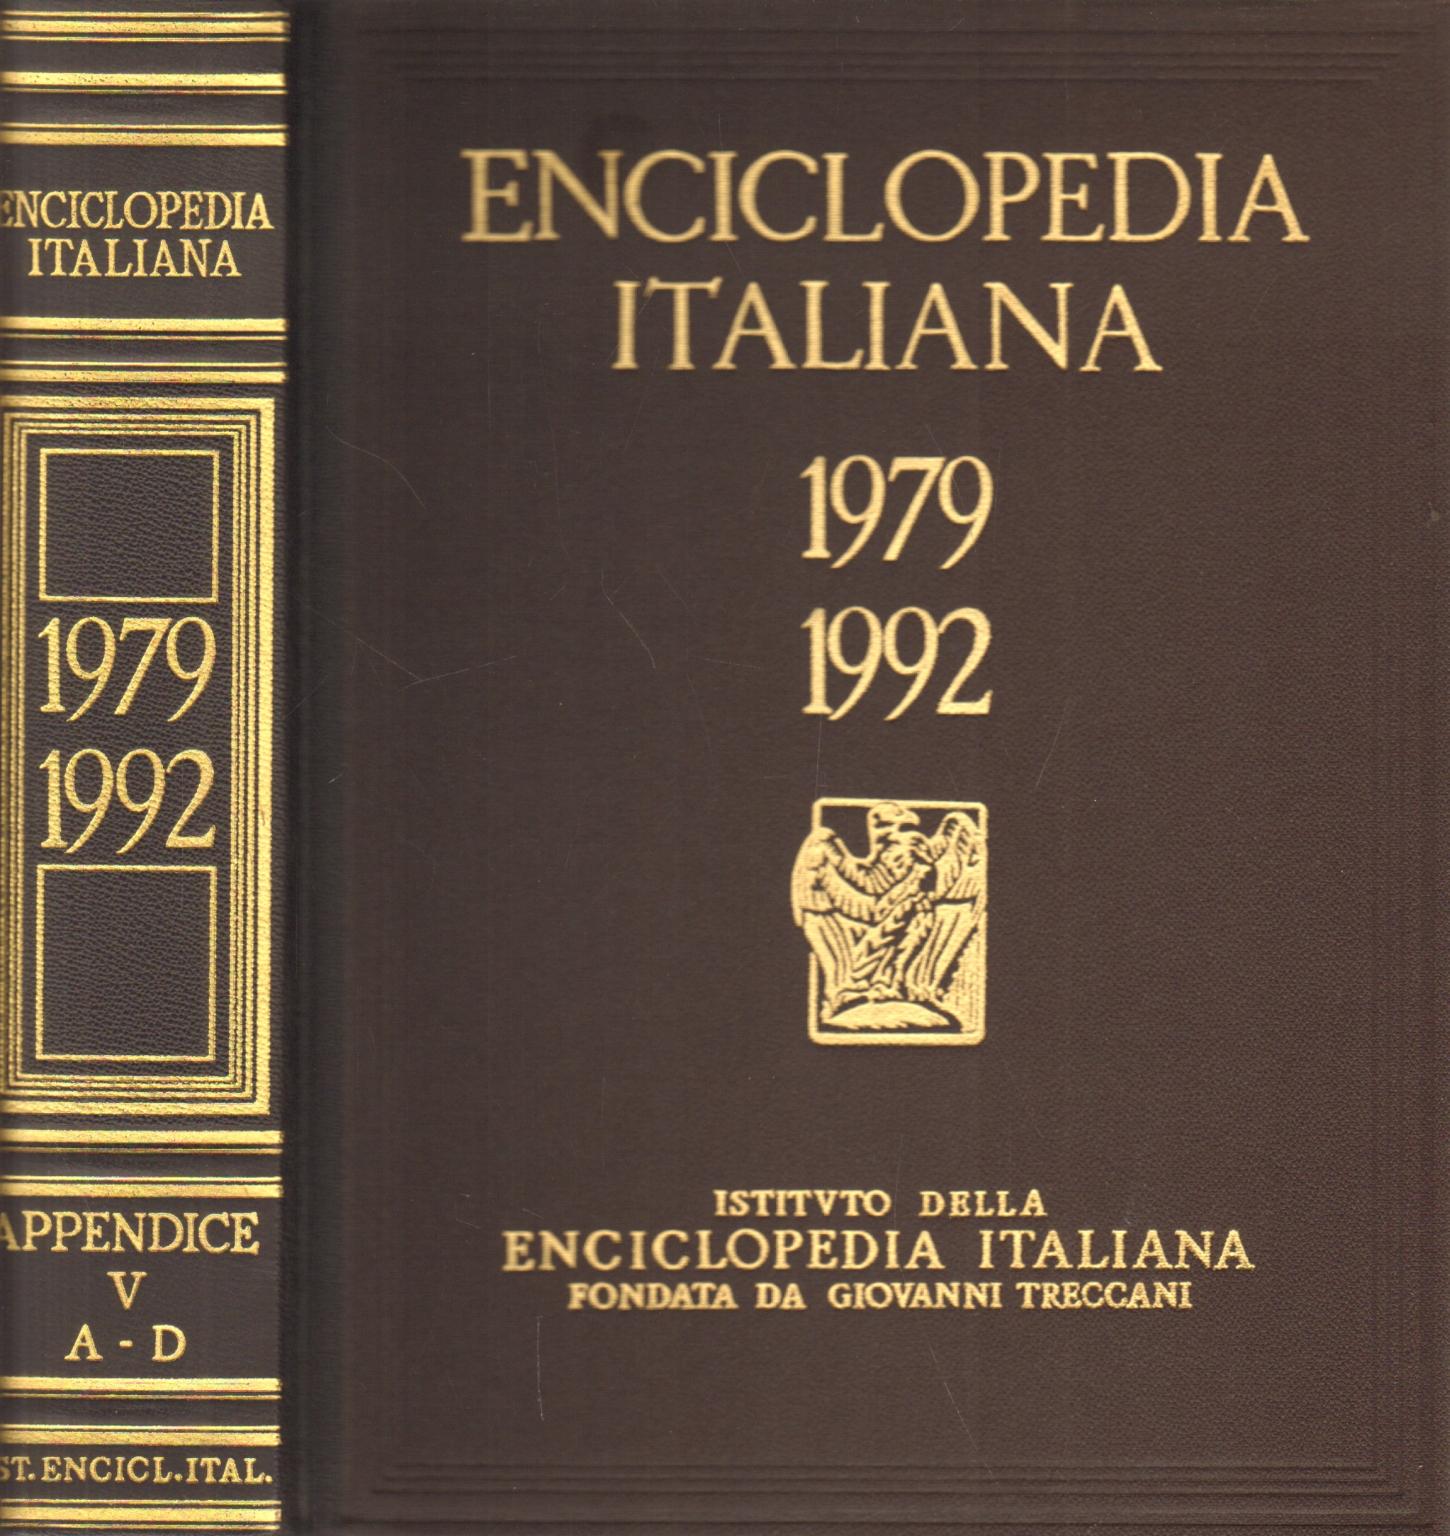 STRUMENTI MUSICALI in Enciclopedia dell Arte Antica